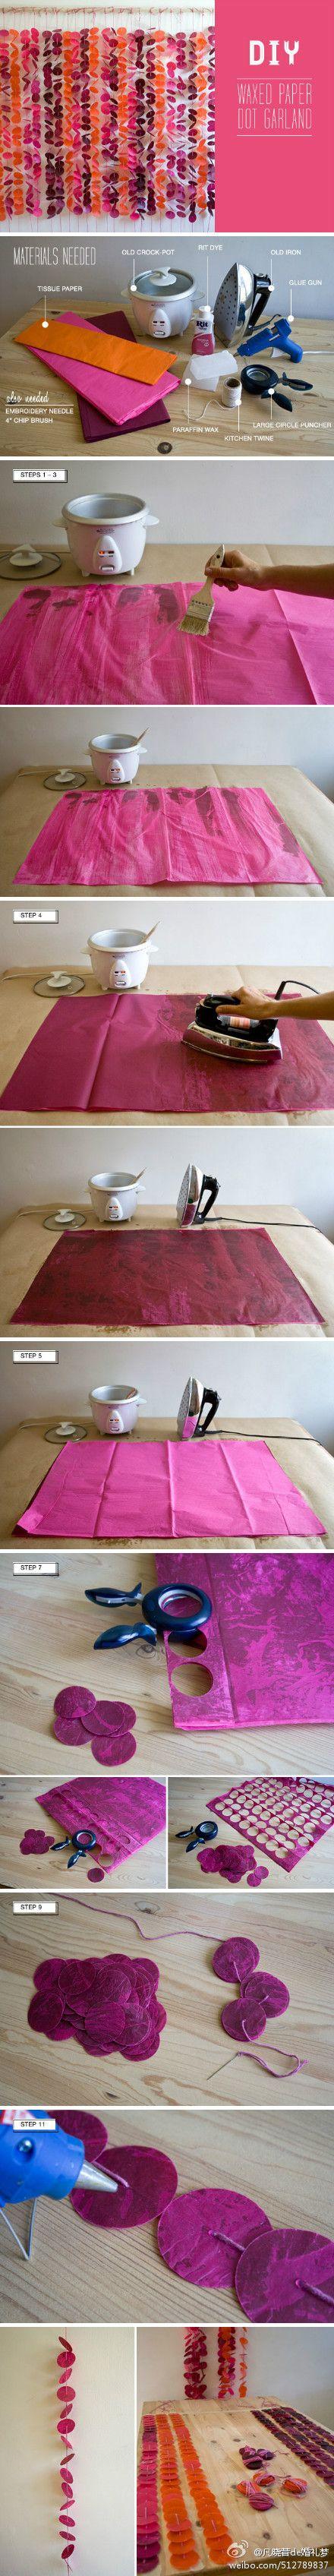 Waxed paper garland DIY